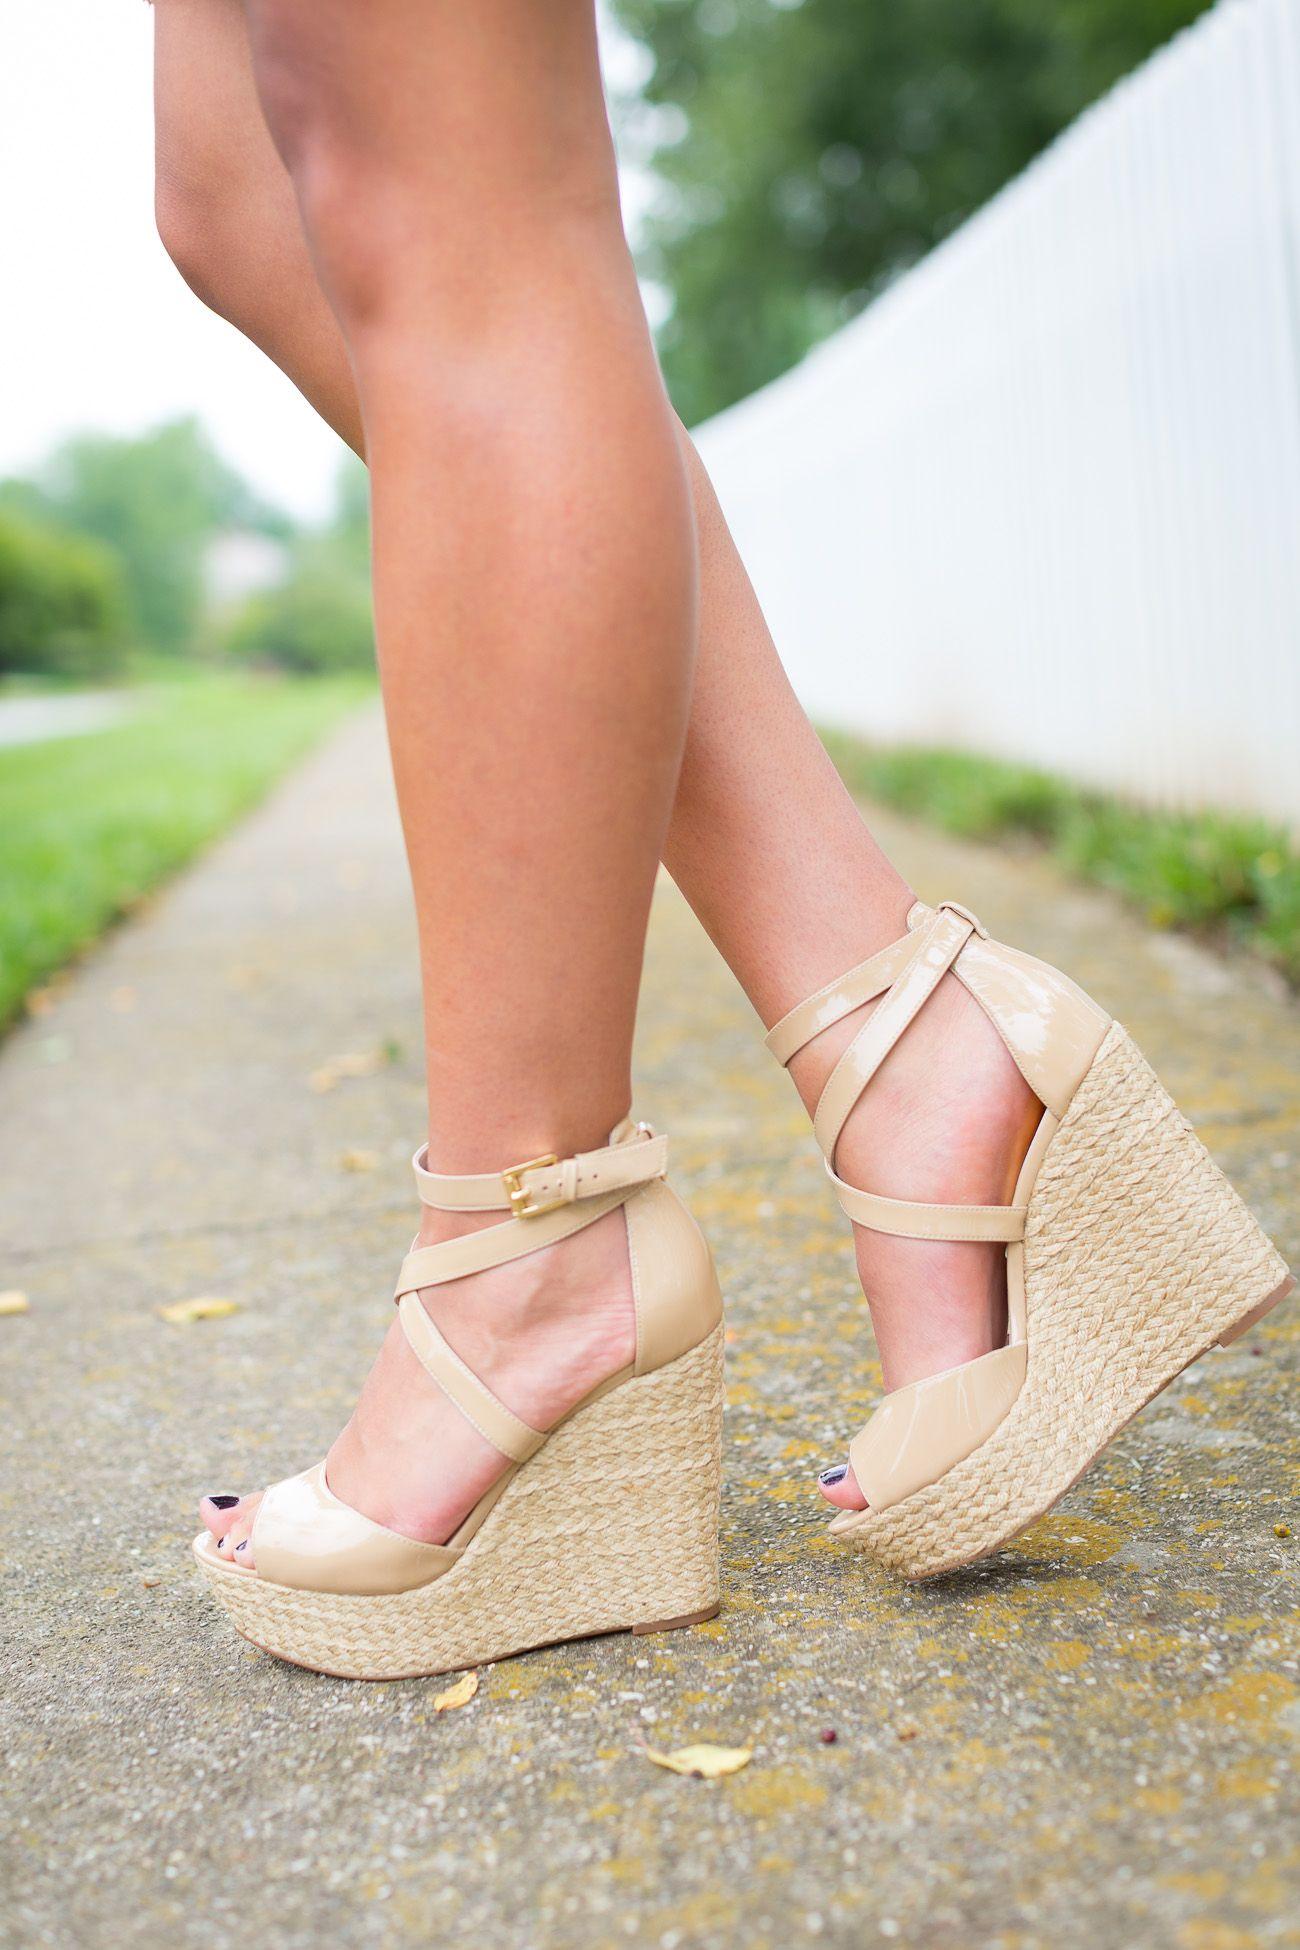 Women's wedge nude heels